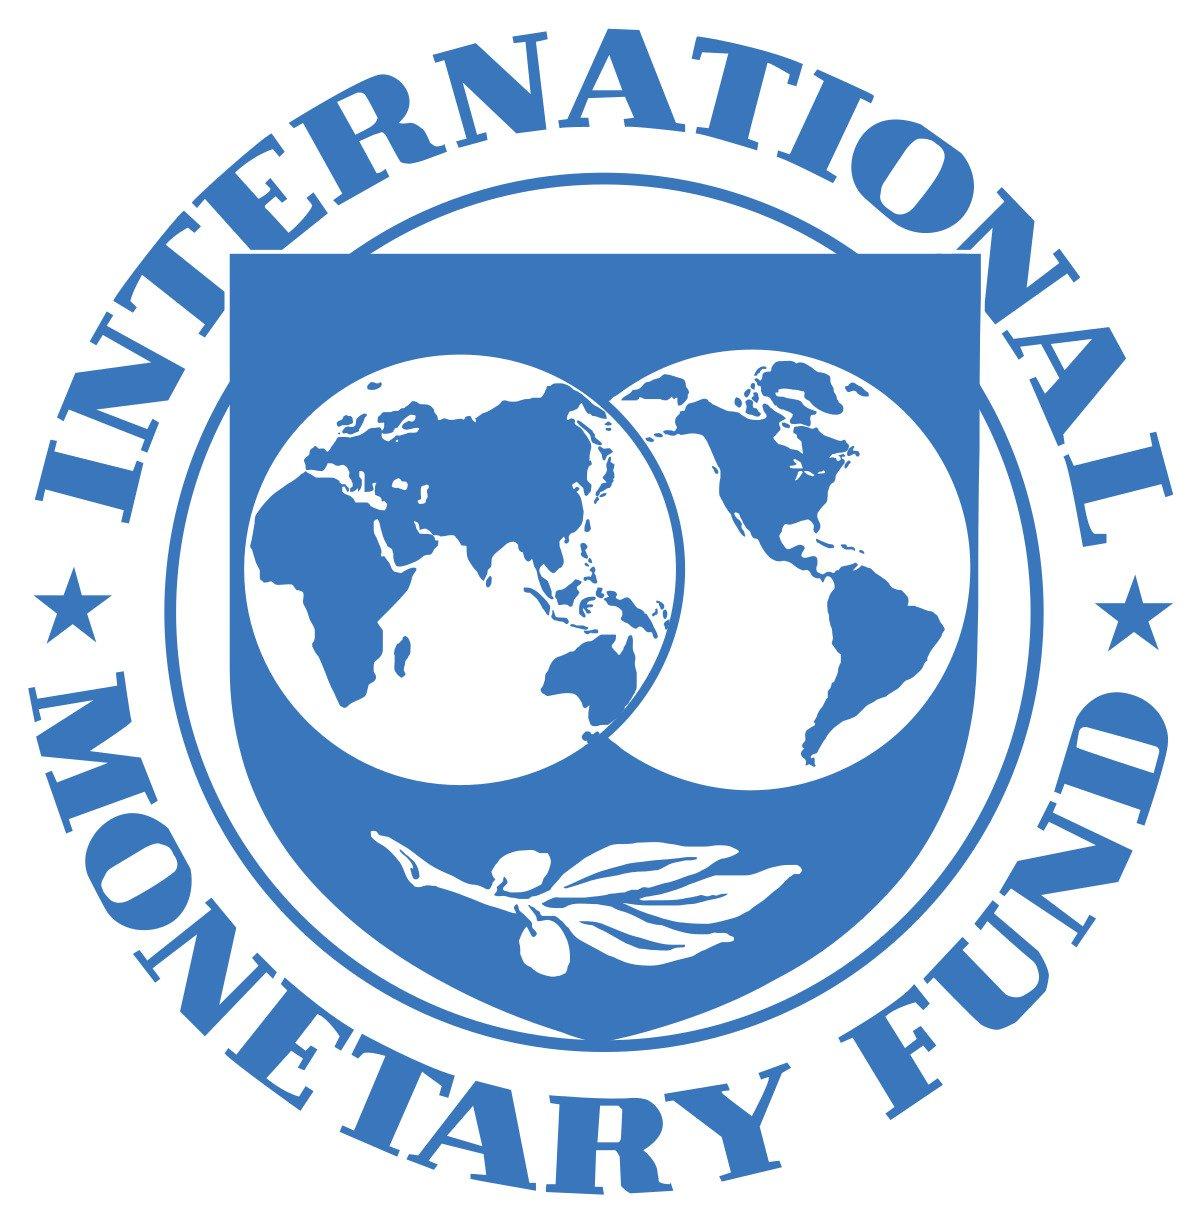 International Monetary Fund (IMF) Fund Internship Program 2021